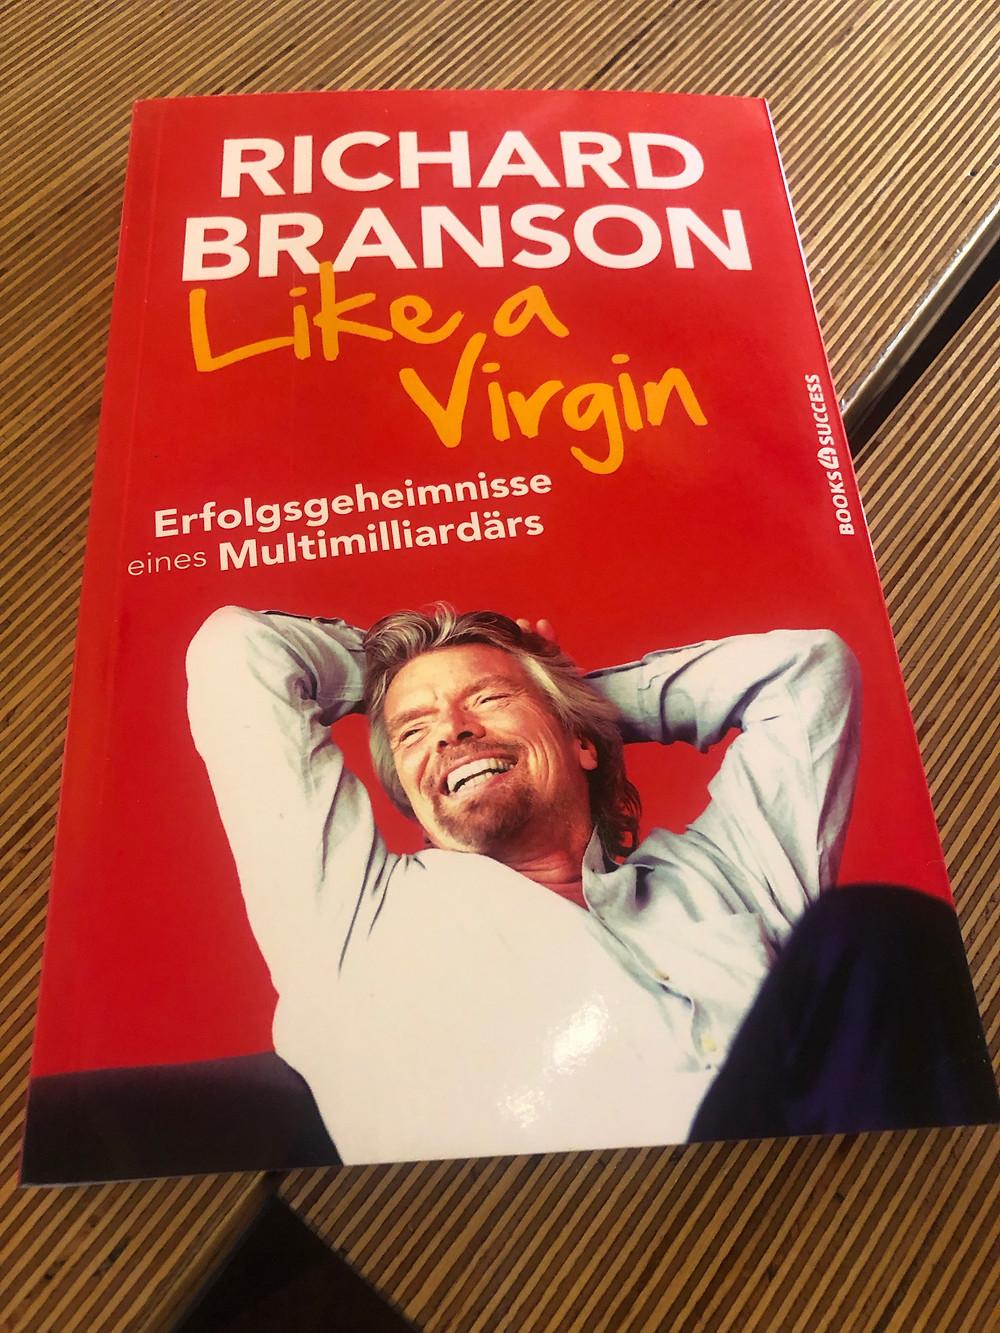 Autobiographie von Richard Branson